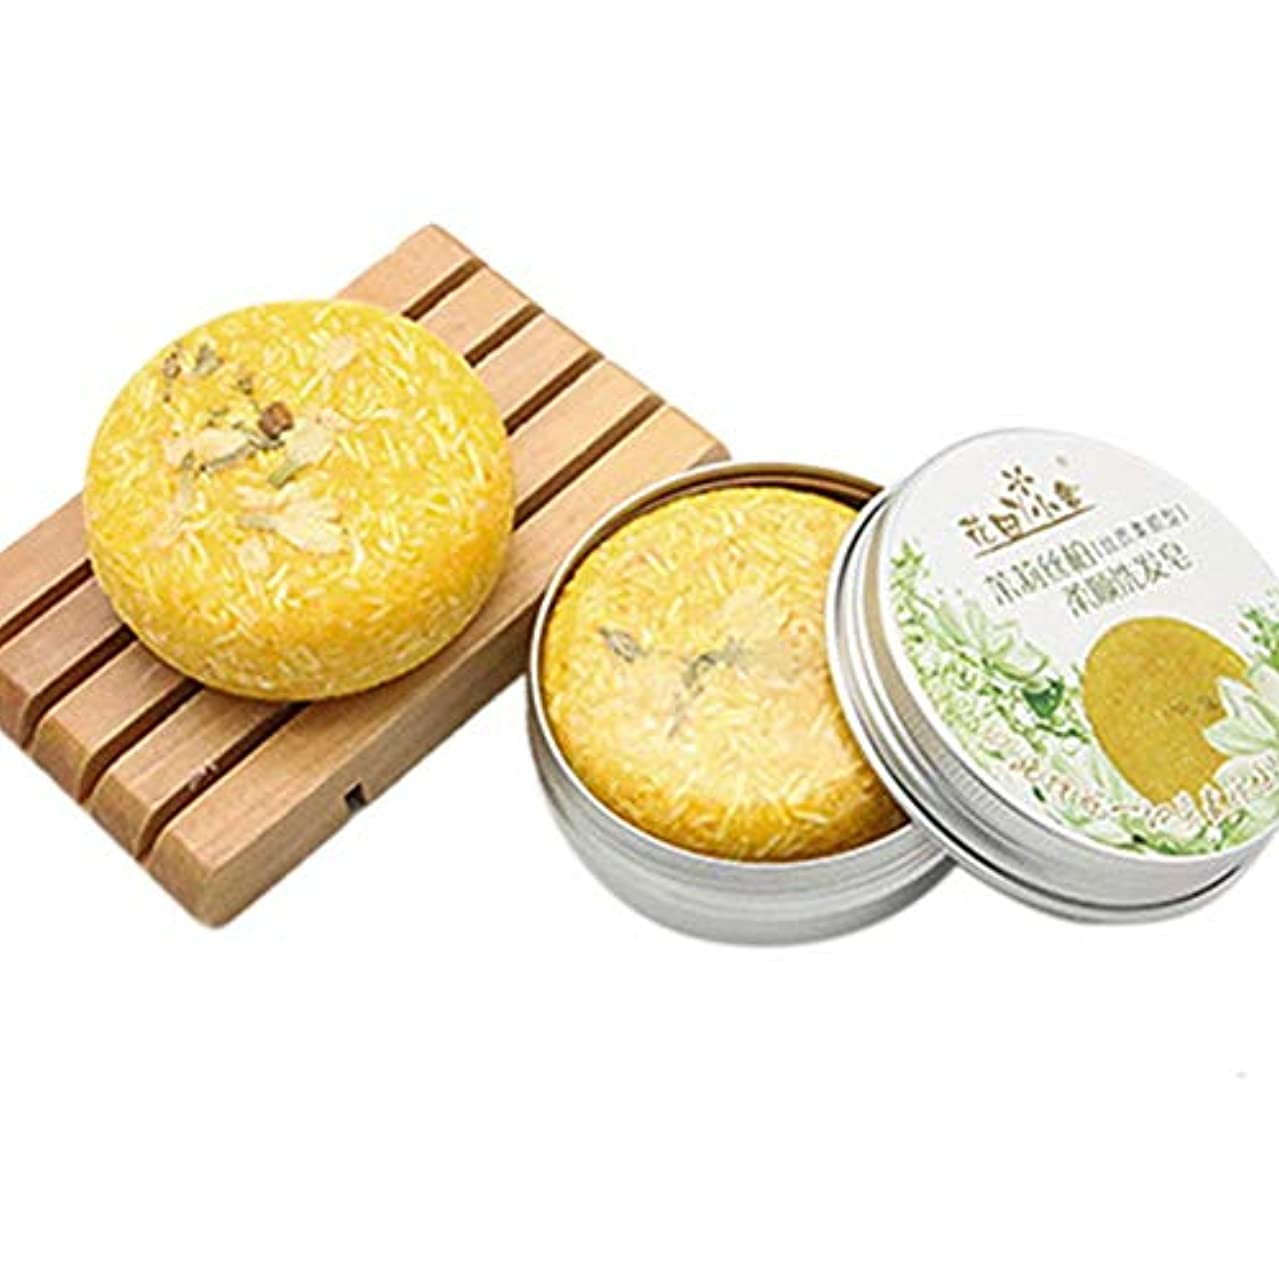 ボルト密度格納ローズマリーシャンプー石鹸、スカルプラベンダー植物油ヘアケアシャンプー、アルミボックス包装